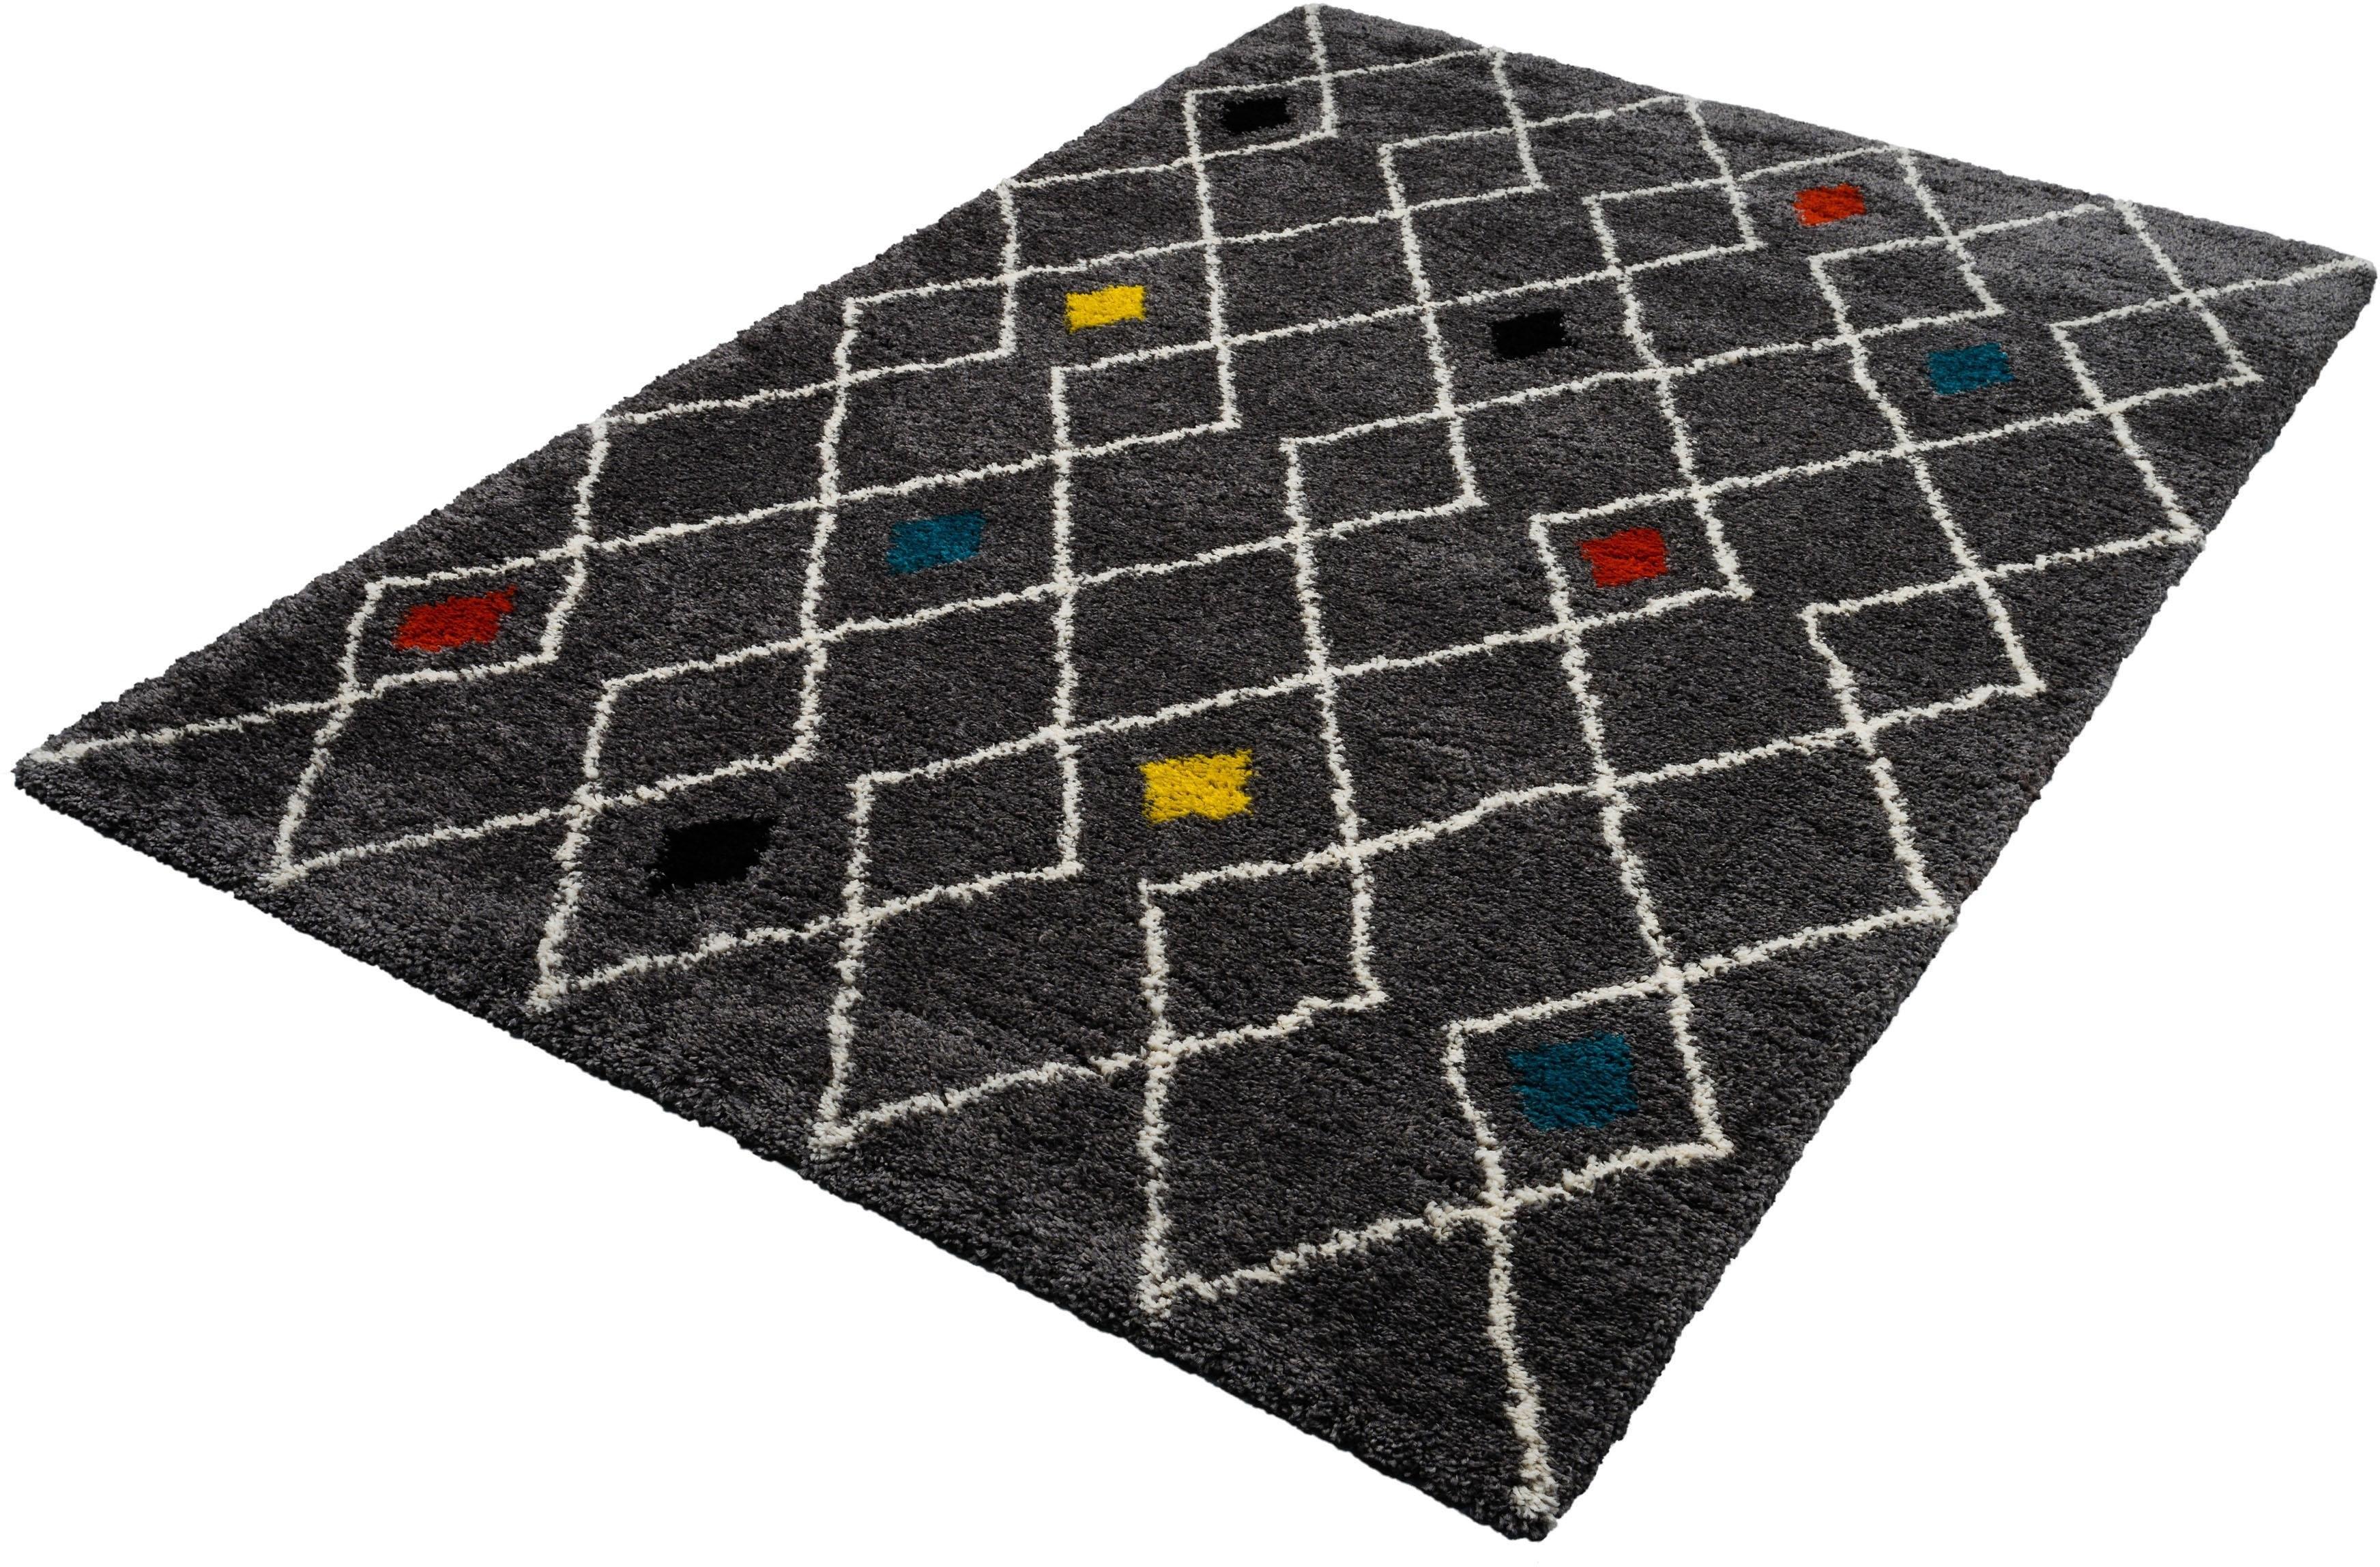 Trend Teppiche Hoogpolig vloerkleed, »Sahara 7914«, rechthoekig, hoogte 35 mm, machinaal getuft goedkoop op otto.nl kopen